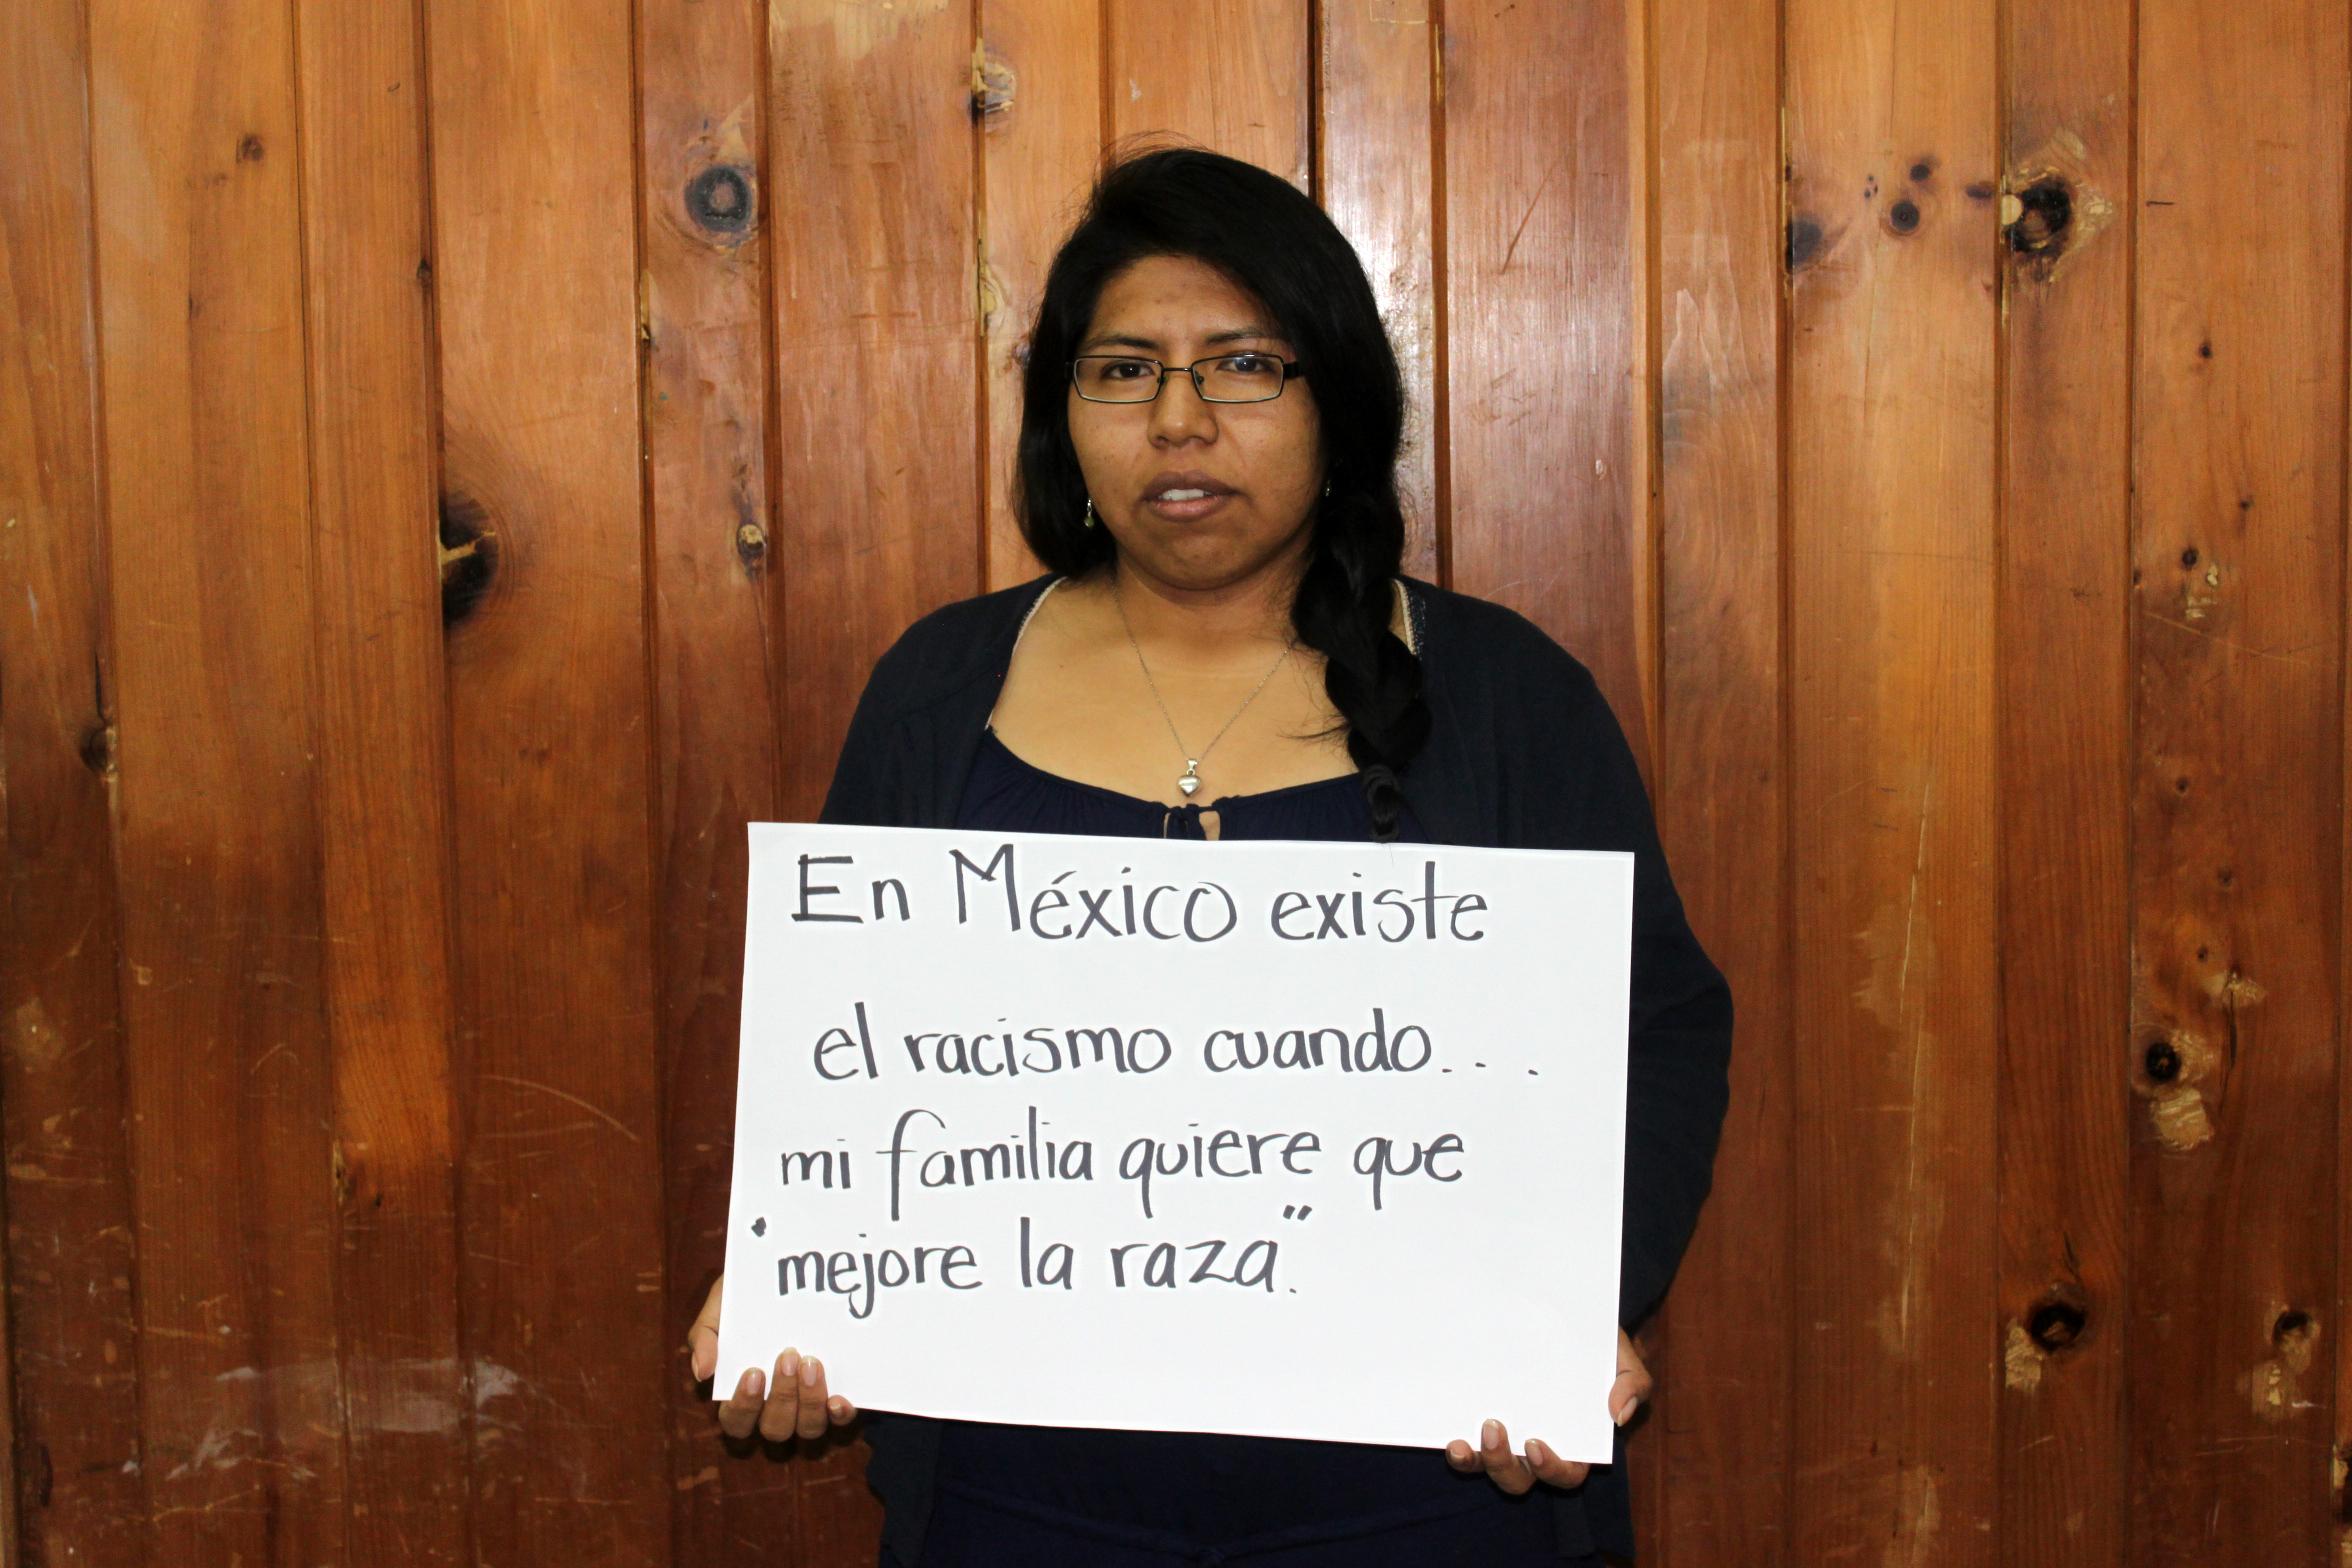 Judit Guerra photos